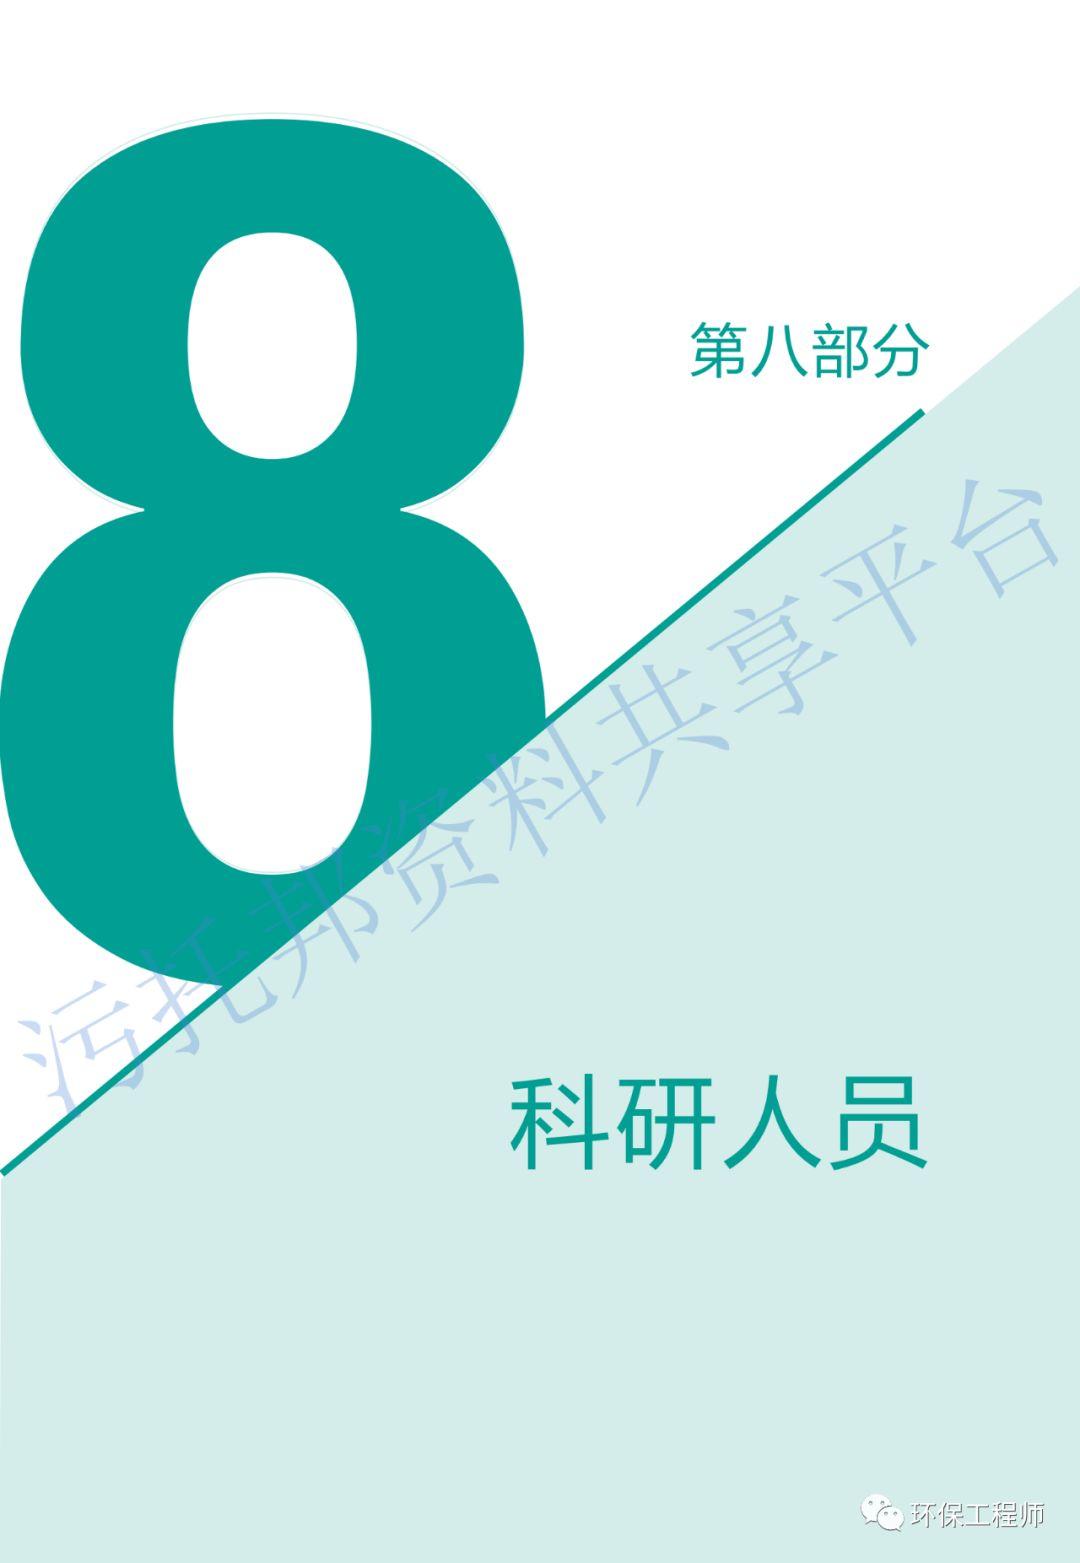 《环保从业人员新型冠状病毒疫情防护手册》_28